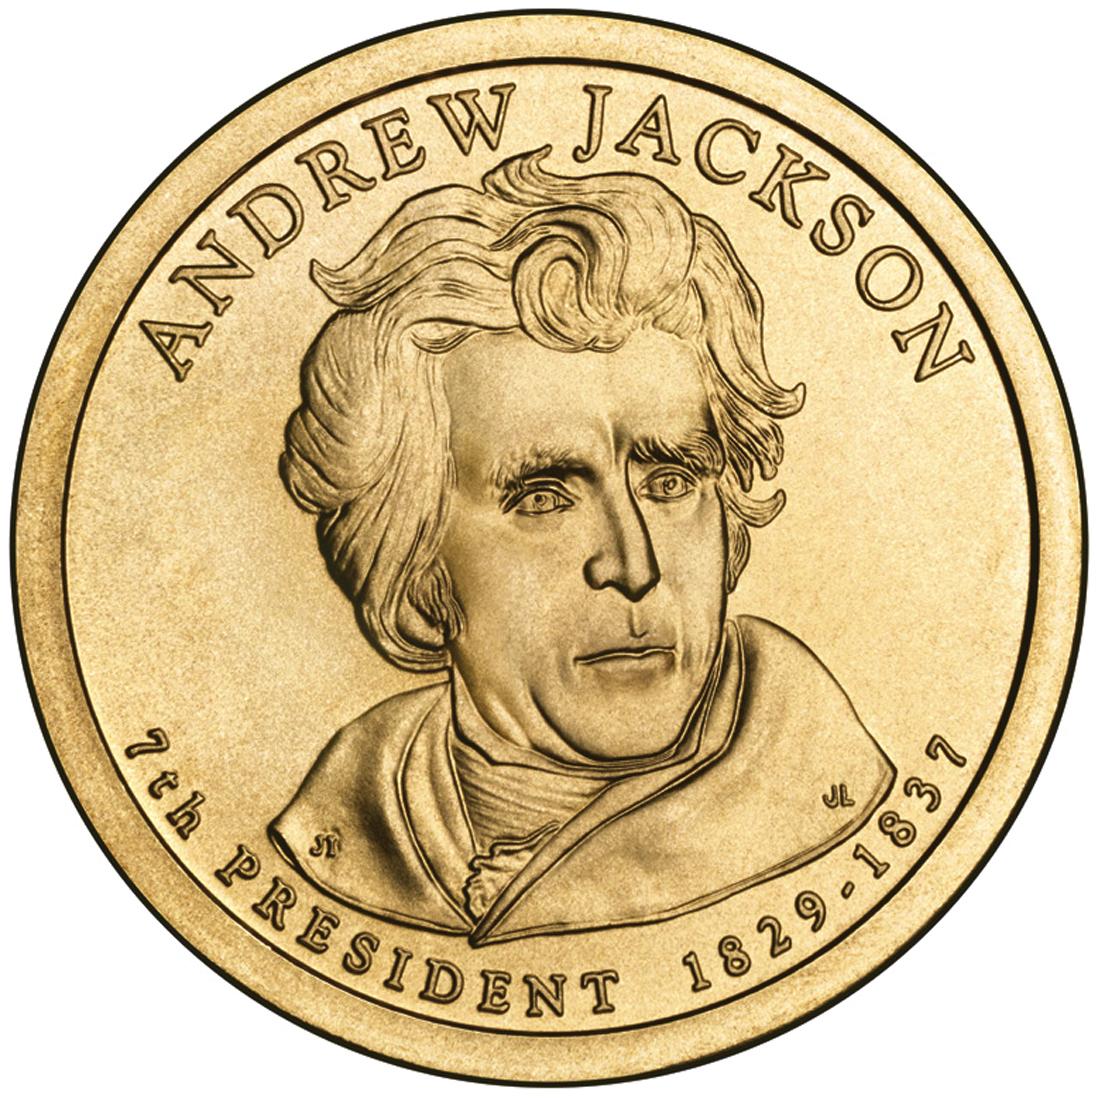 Andrew Jackson Presidential $1 Coin obverse.jpg